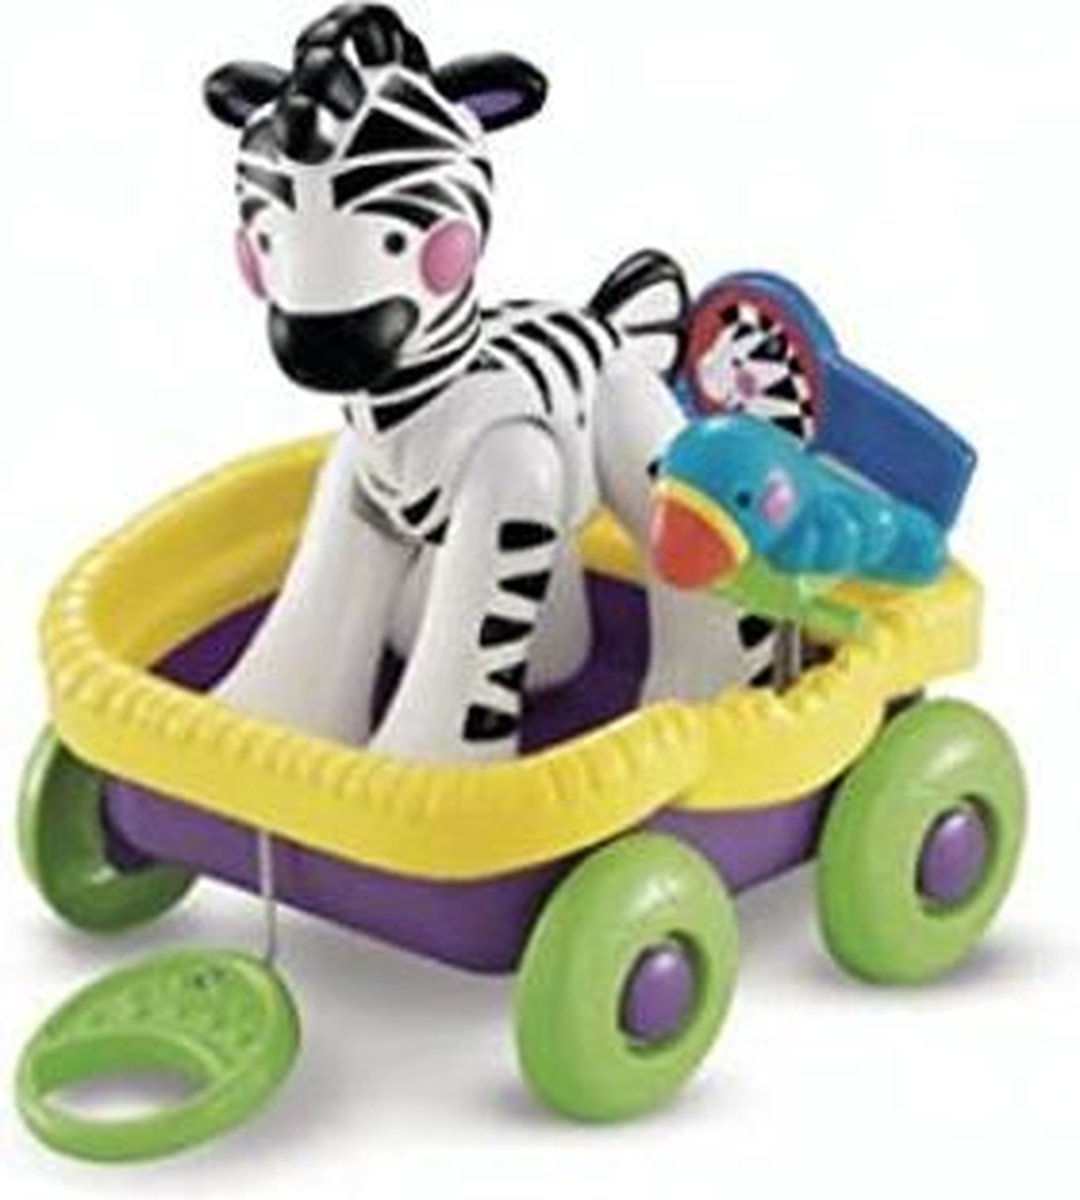 Fisher Price - Amazing Animals Zebra